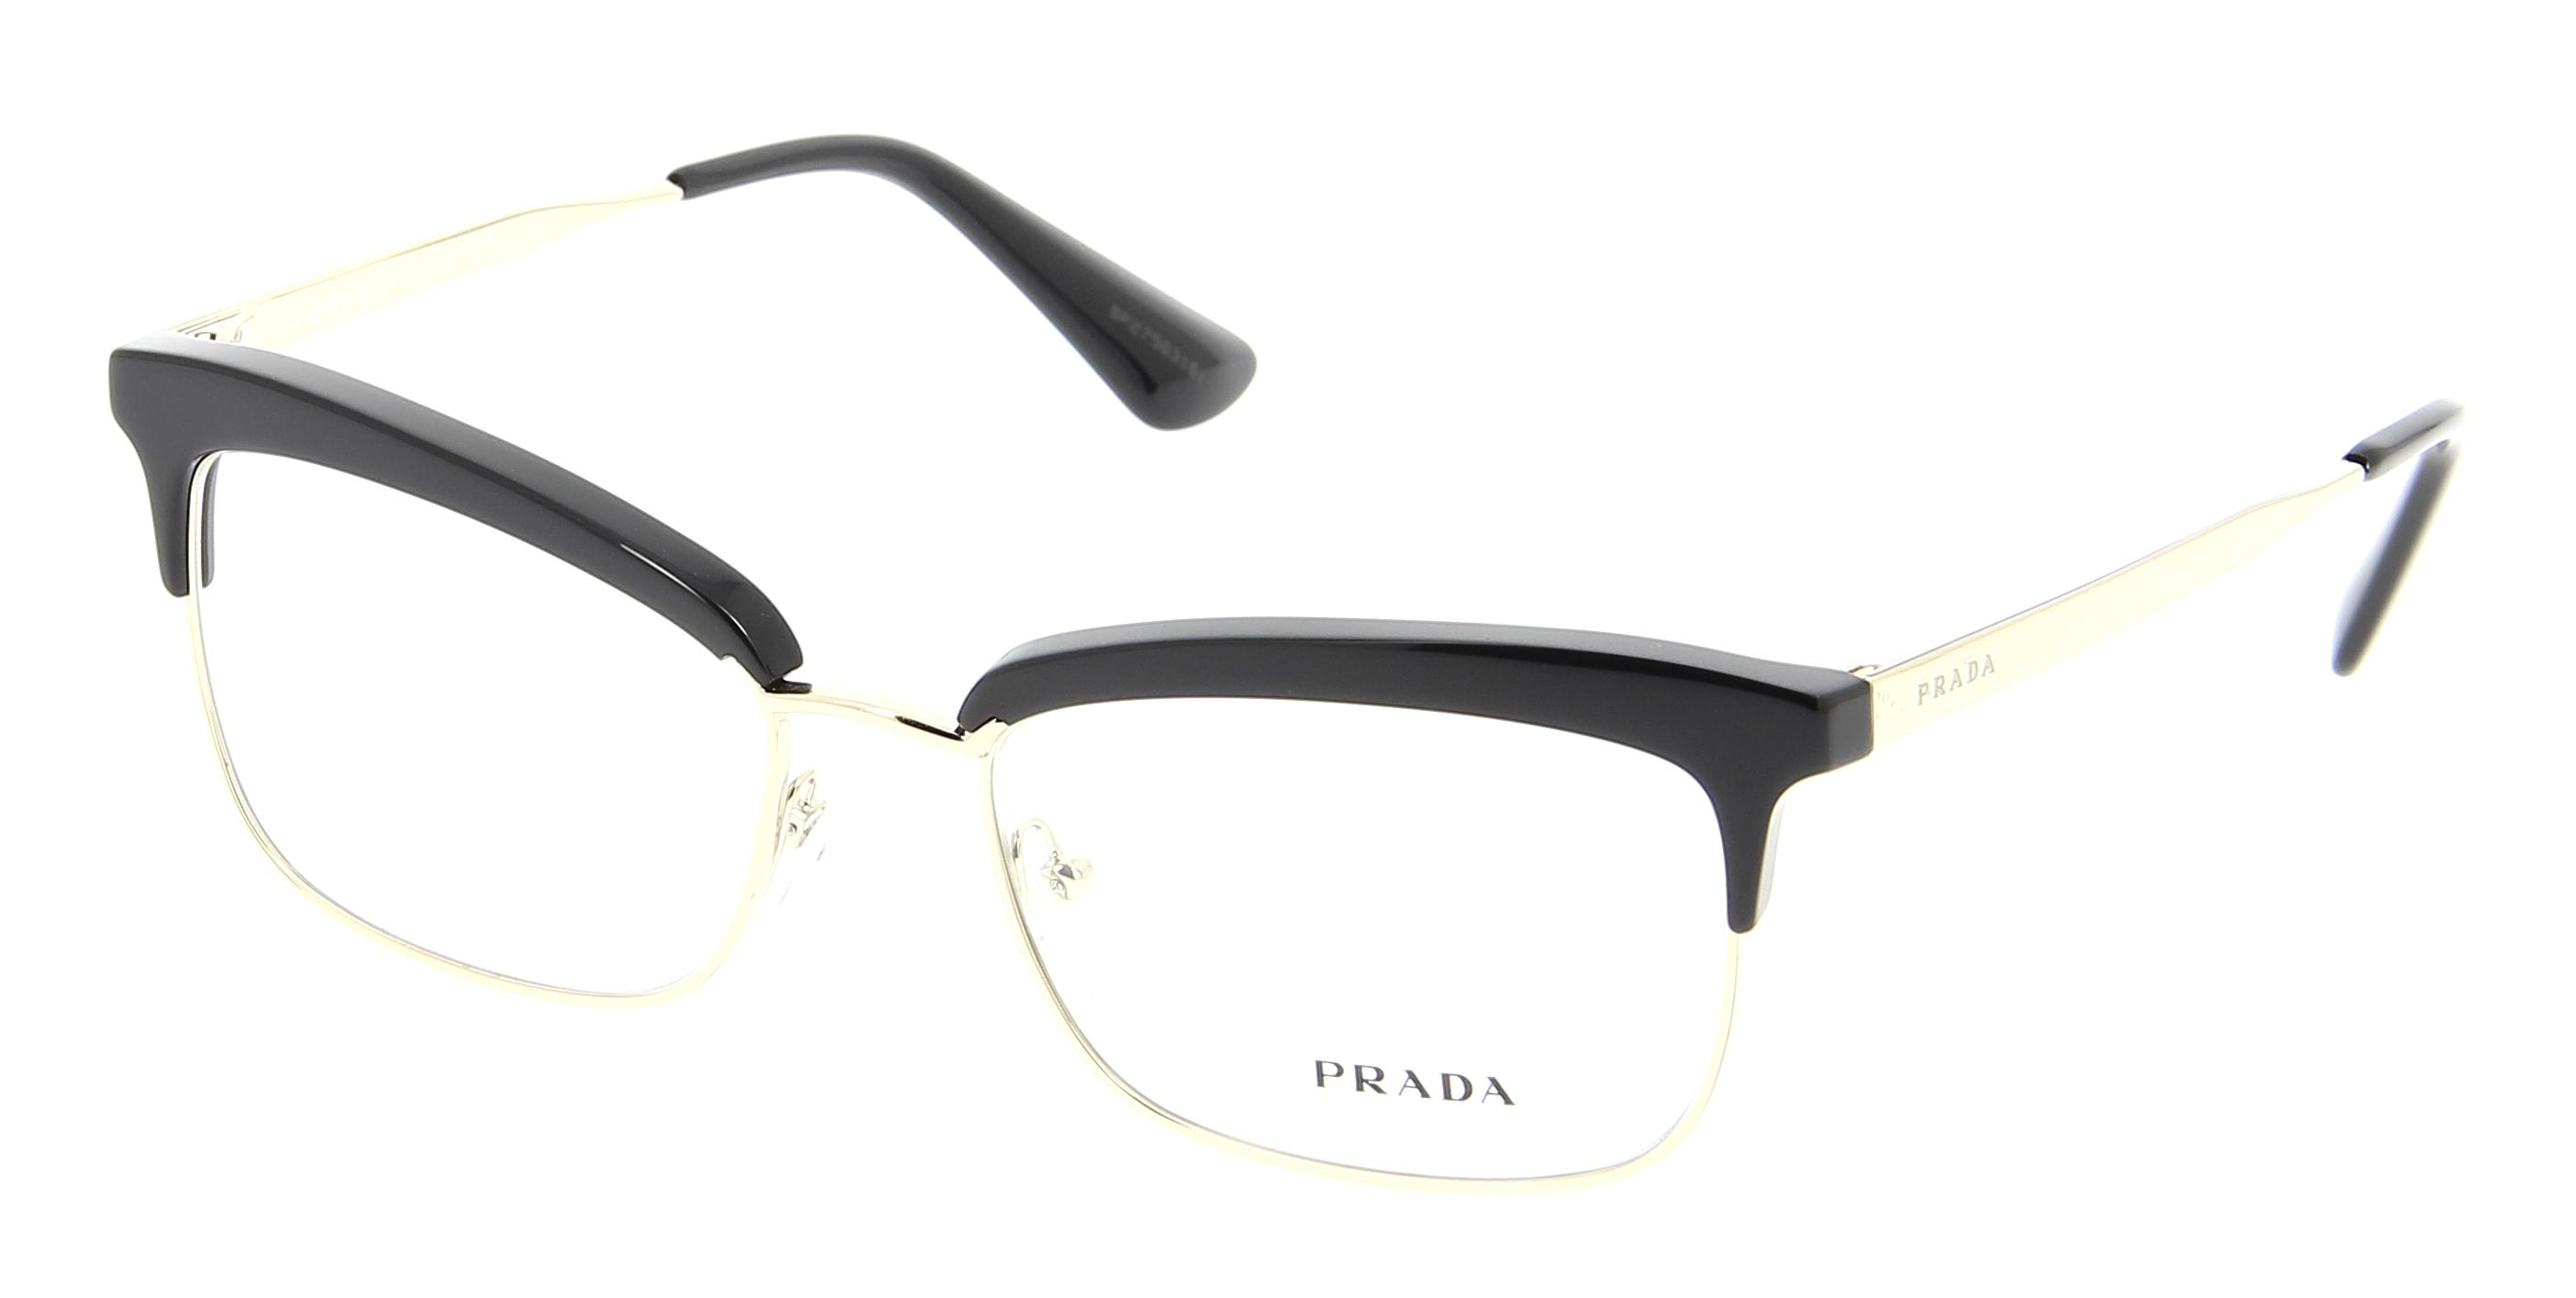 lunettes de vue homme prada. Black Bedroom Furniture Sets. Home Design Ideas